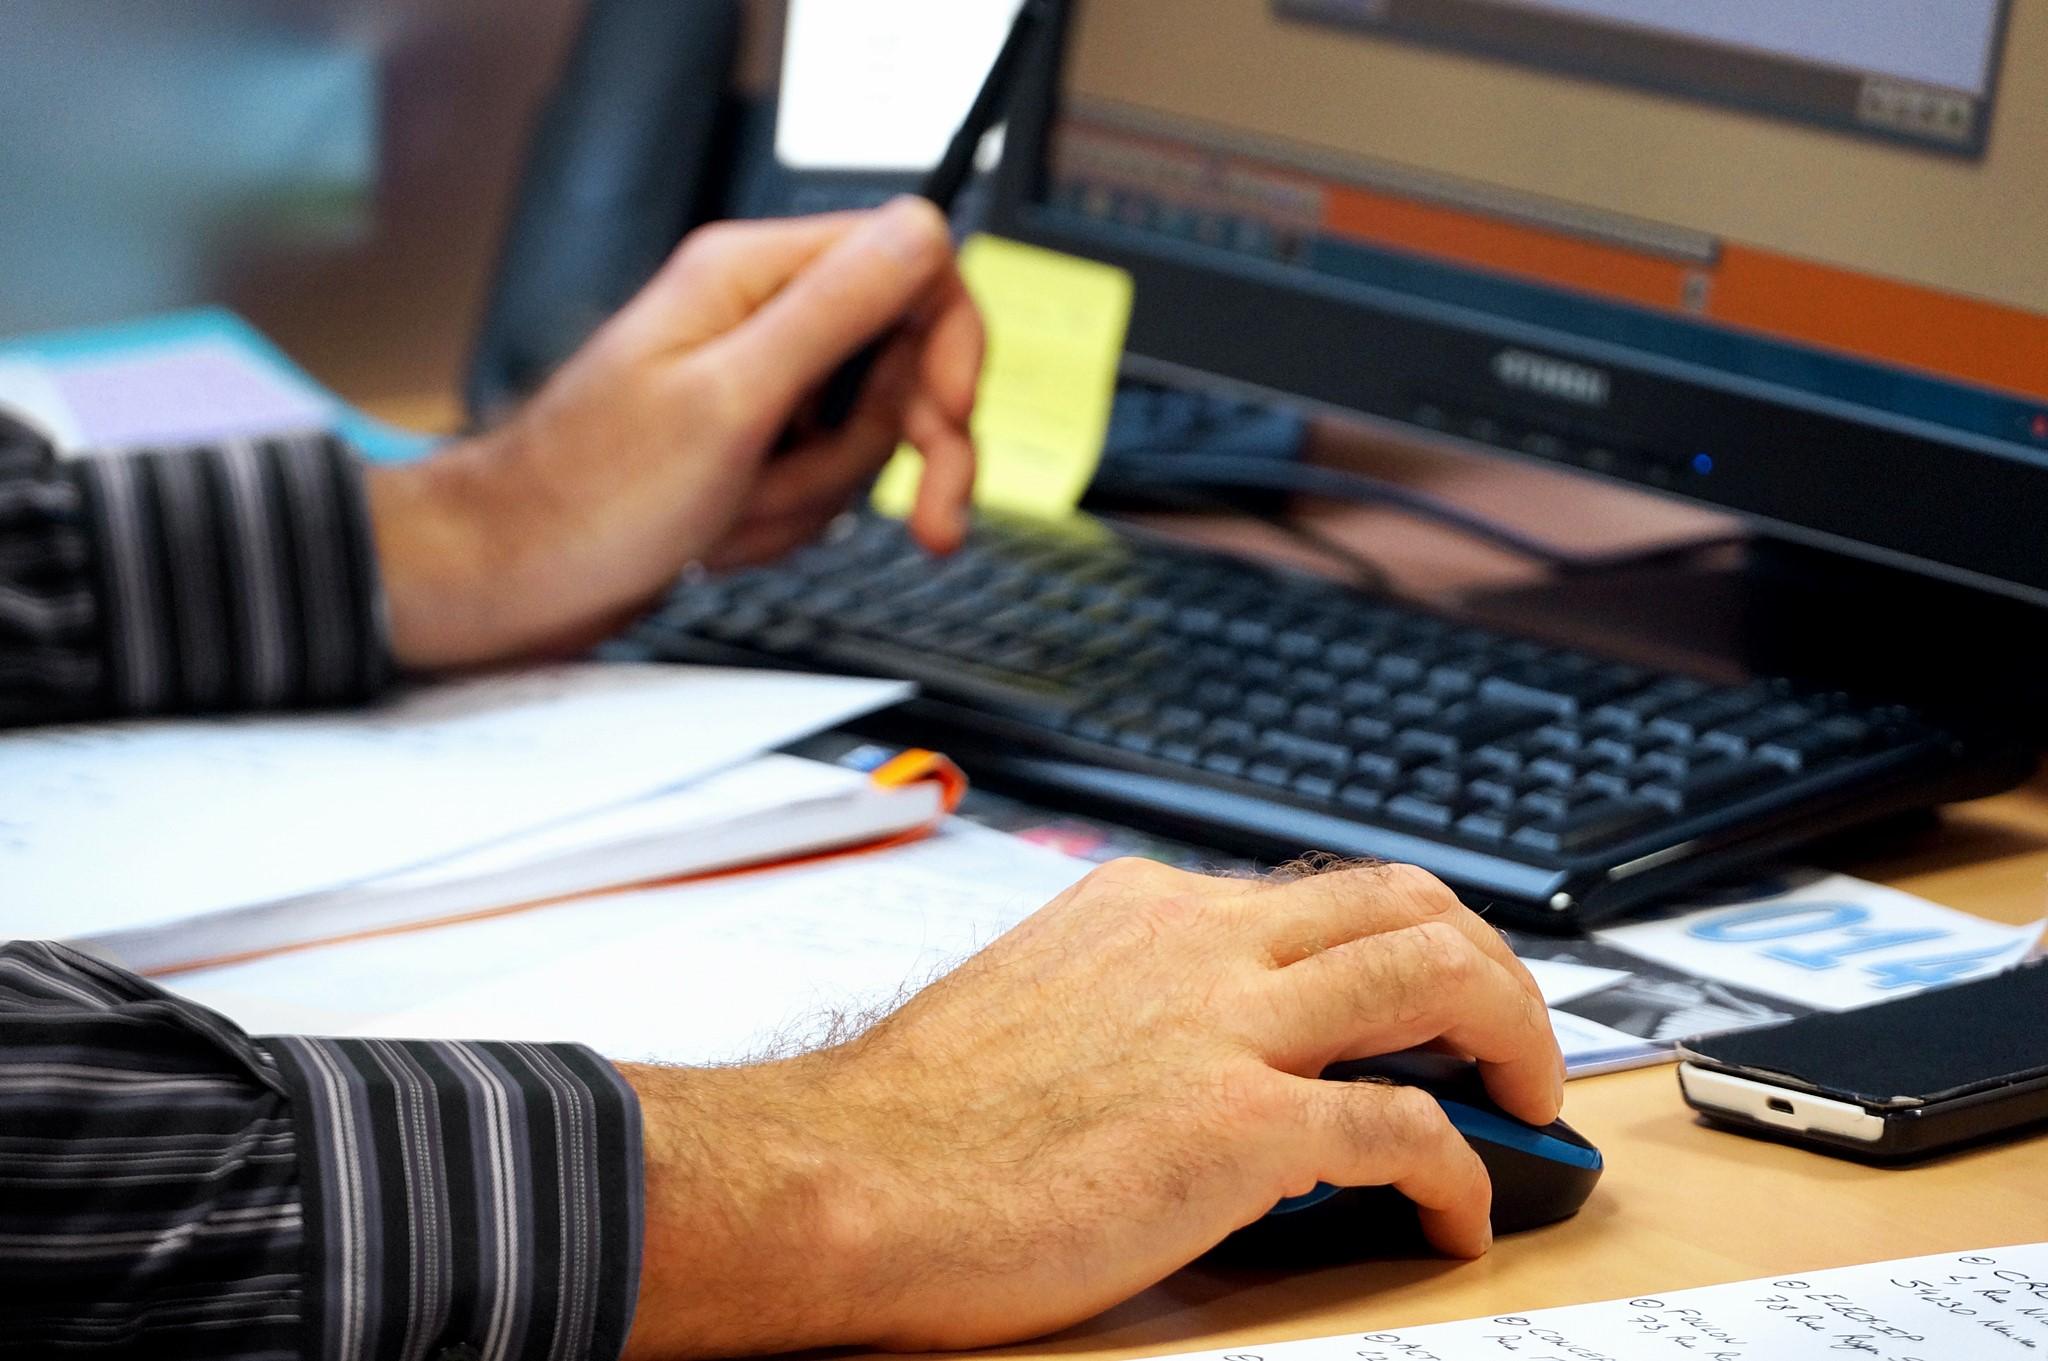 Kibernetinės atakos – iššūkis, neaplenkiantis ir mažų organizacijų | VU naujienos